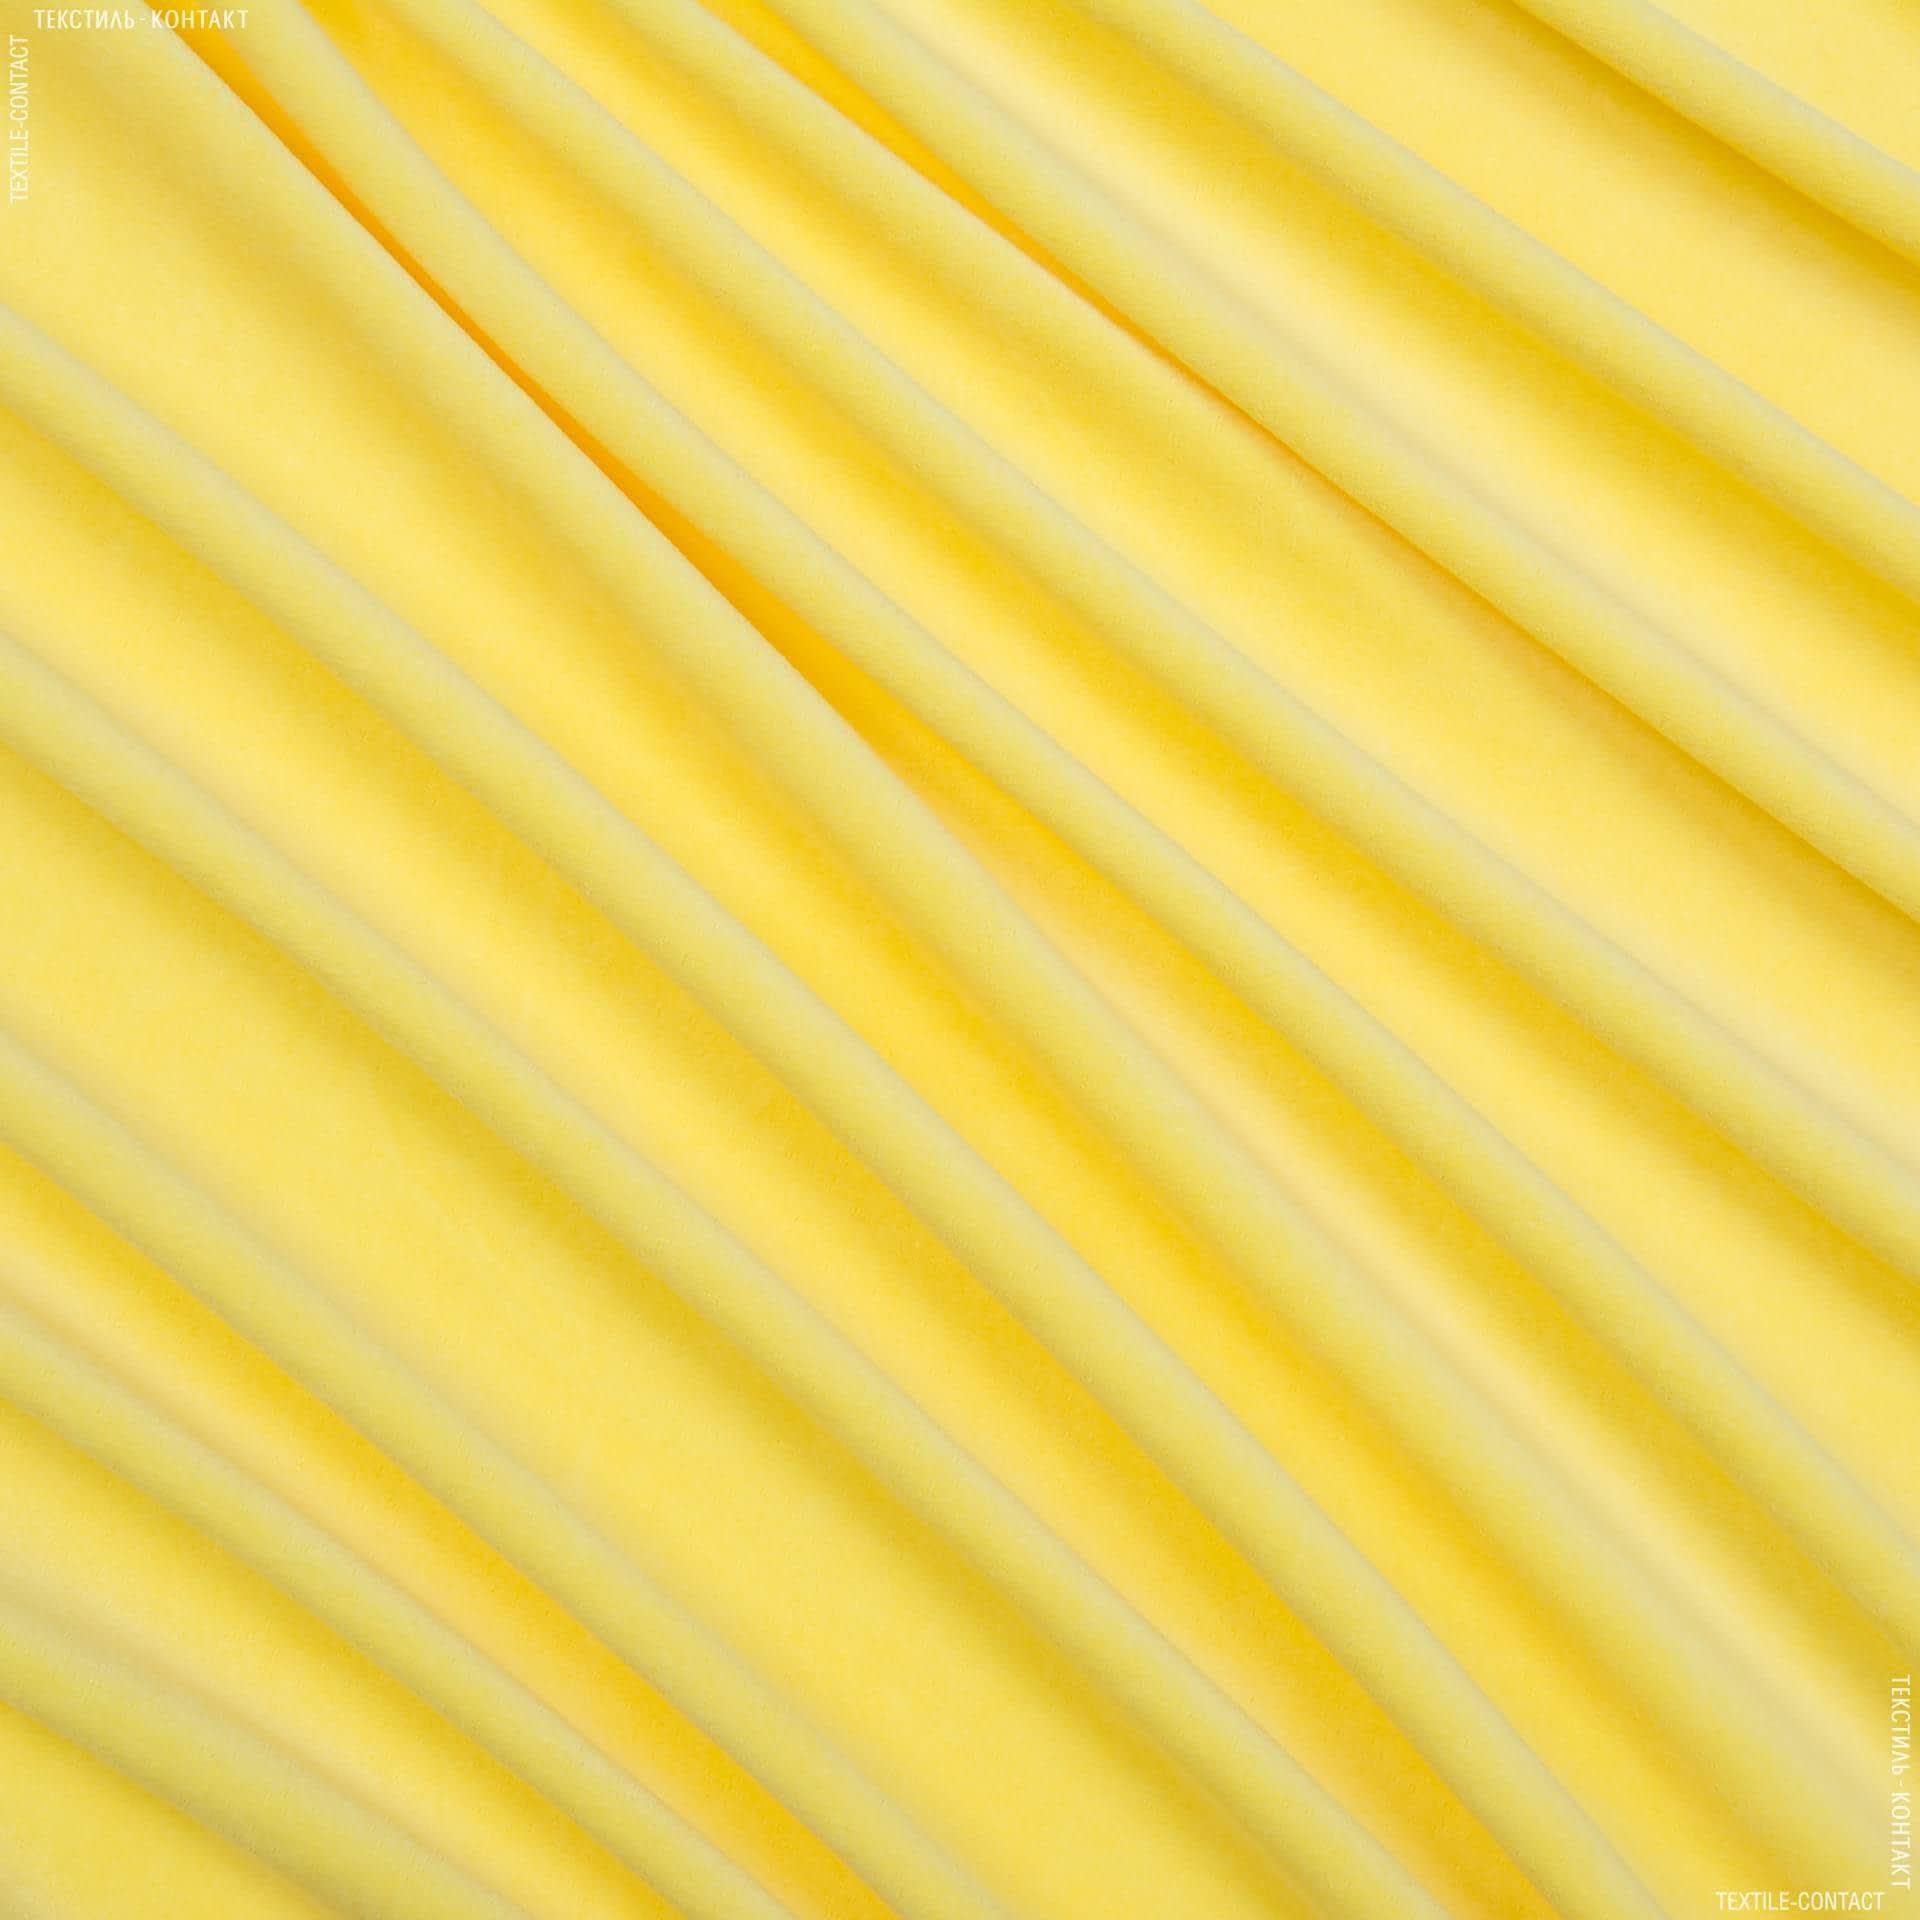 Ткани велюр/бархат - Велюр желток